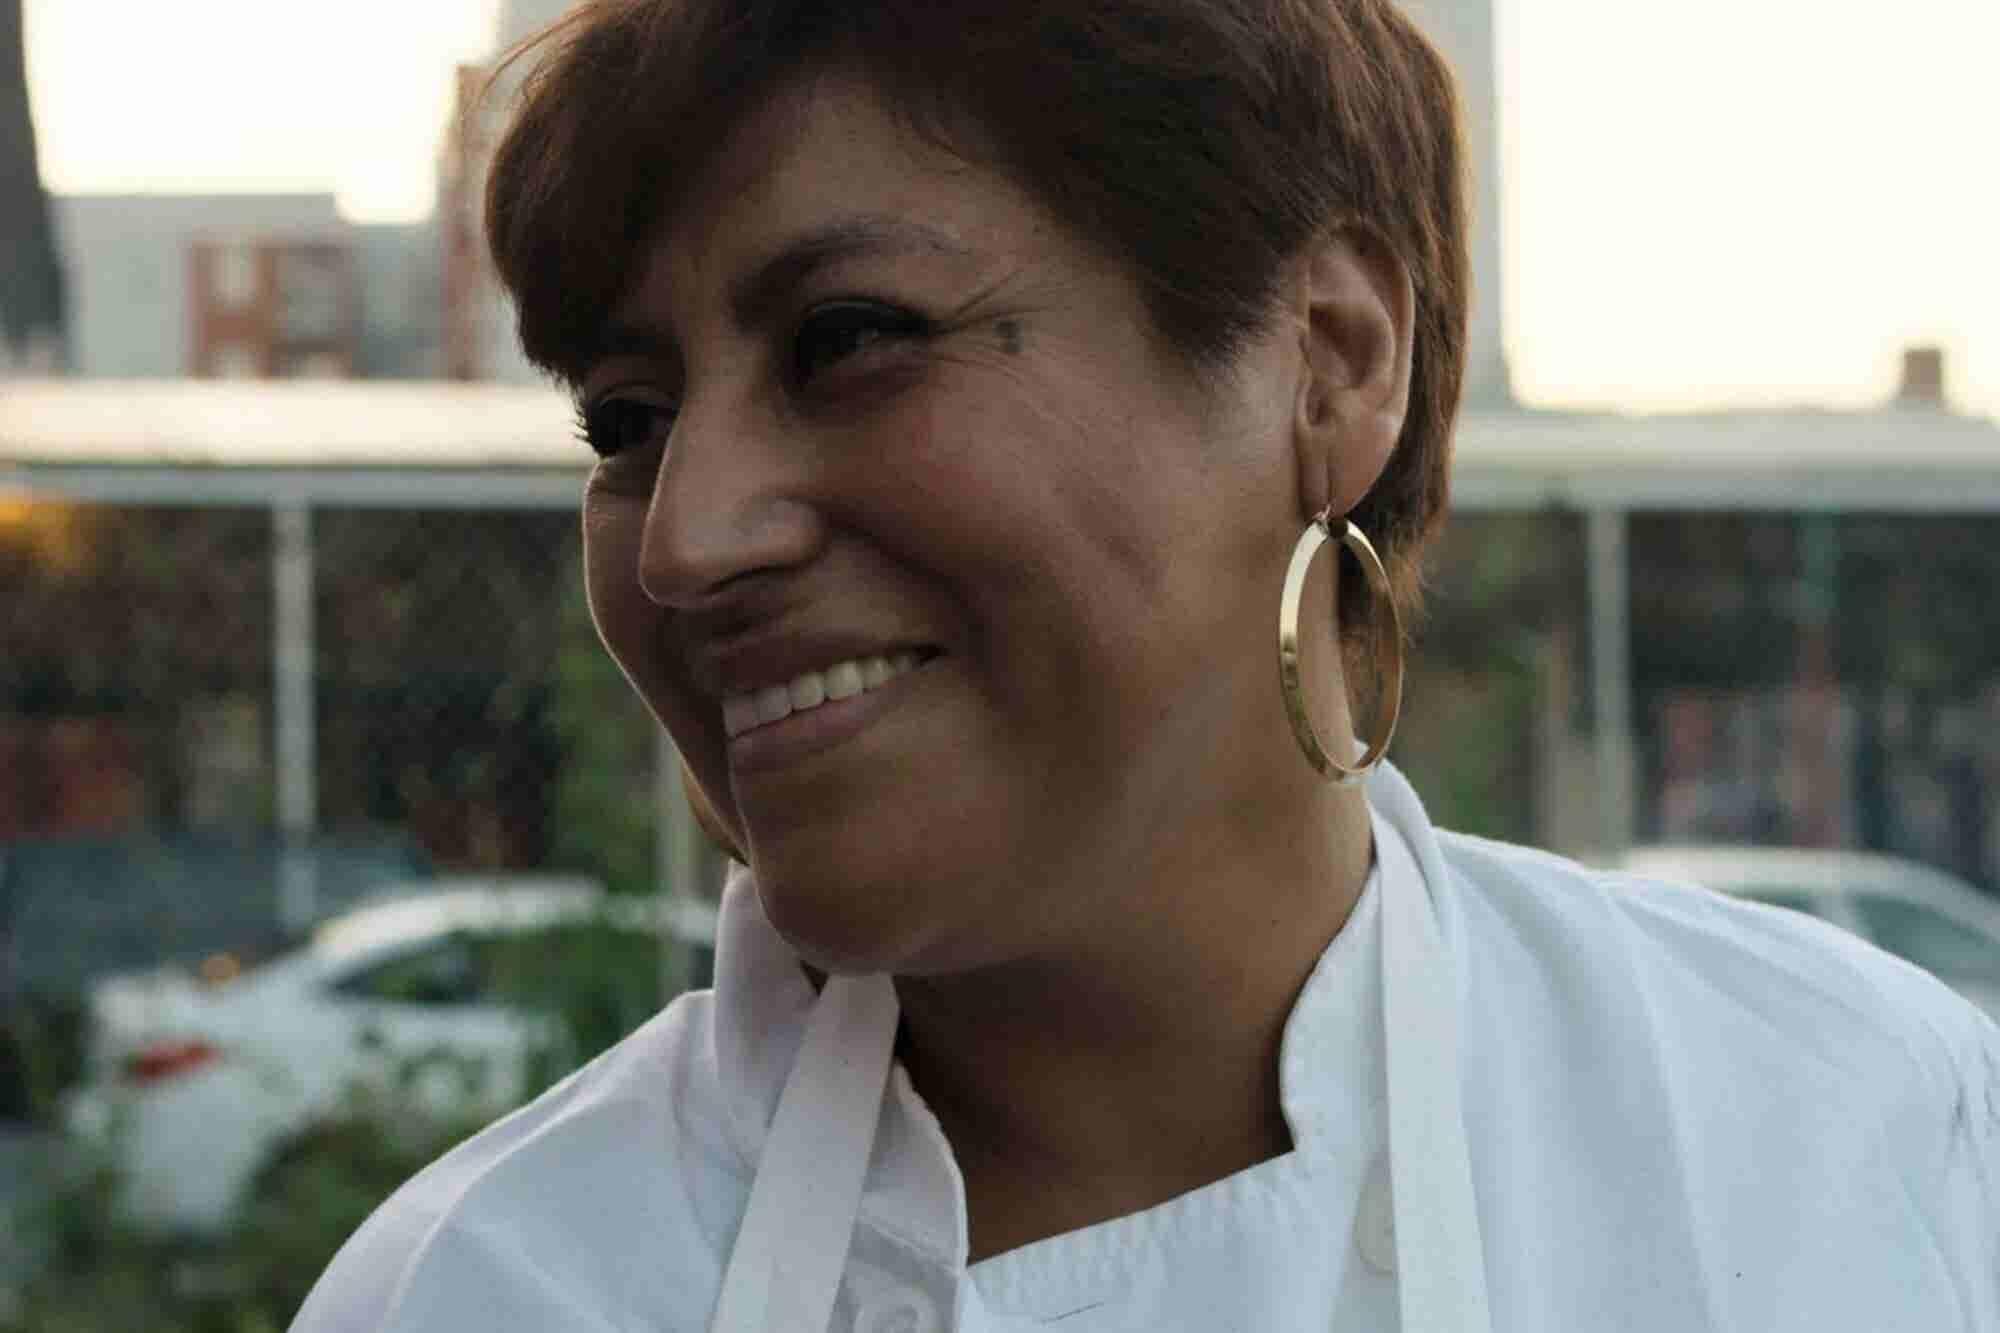 La chef indocumentada que estelarizó un episodio de 'Chef's Table'